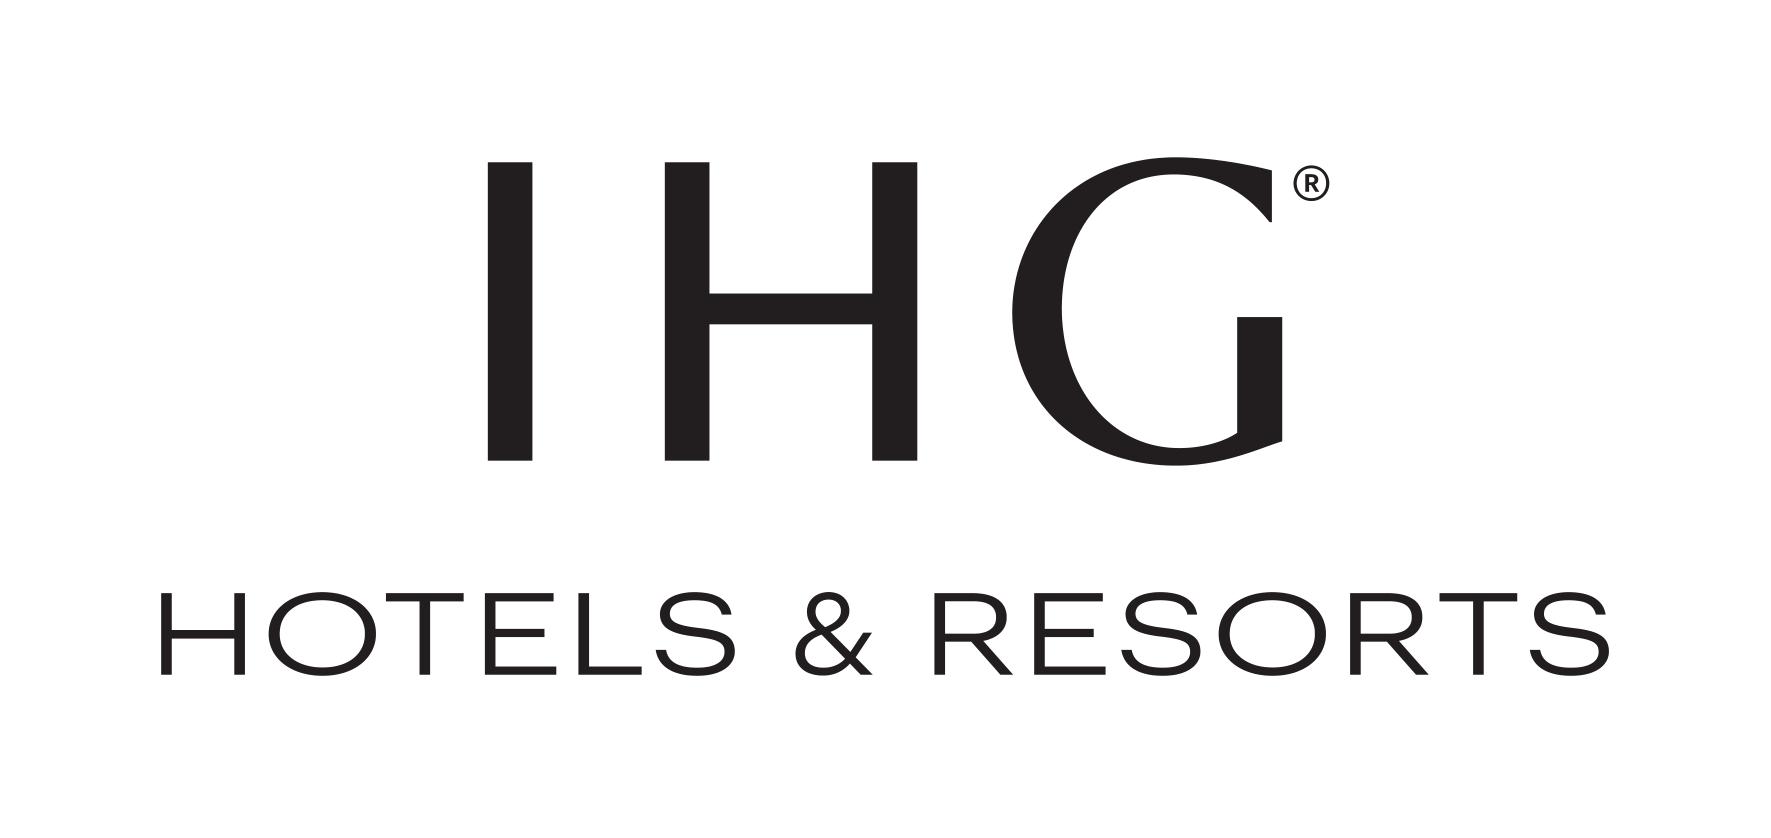 alt='IHG Hotels & Resorts'  Title='IHG Hotels & Resorts'